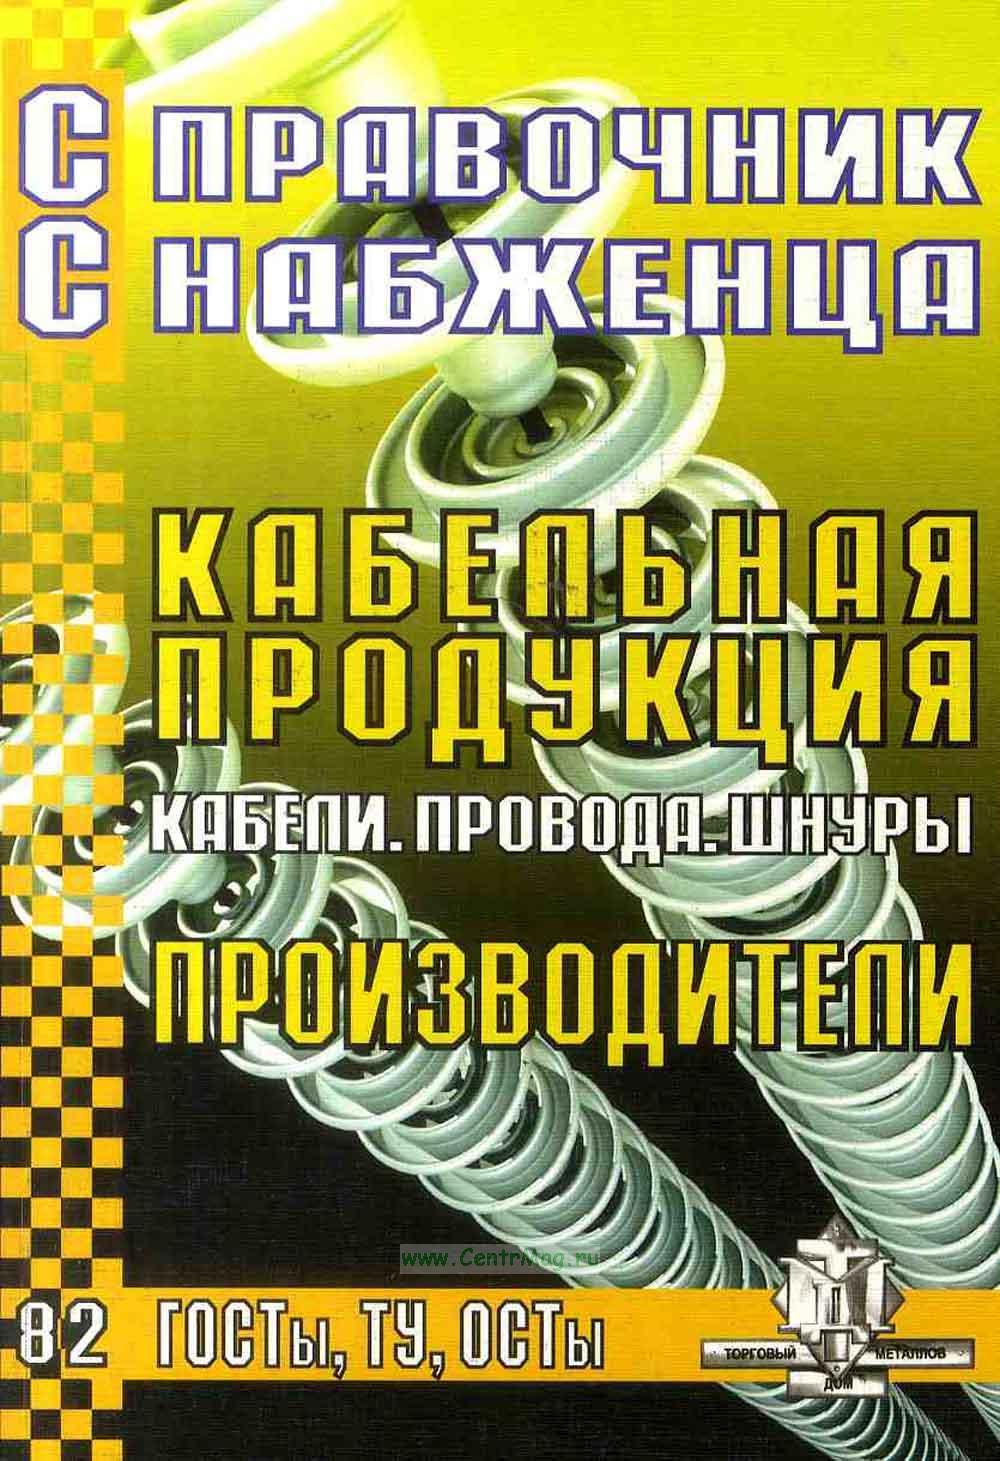 Справочник снабженца №82. Кабельная продукция (кабели, провода, шнуры). Производители